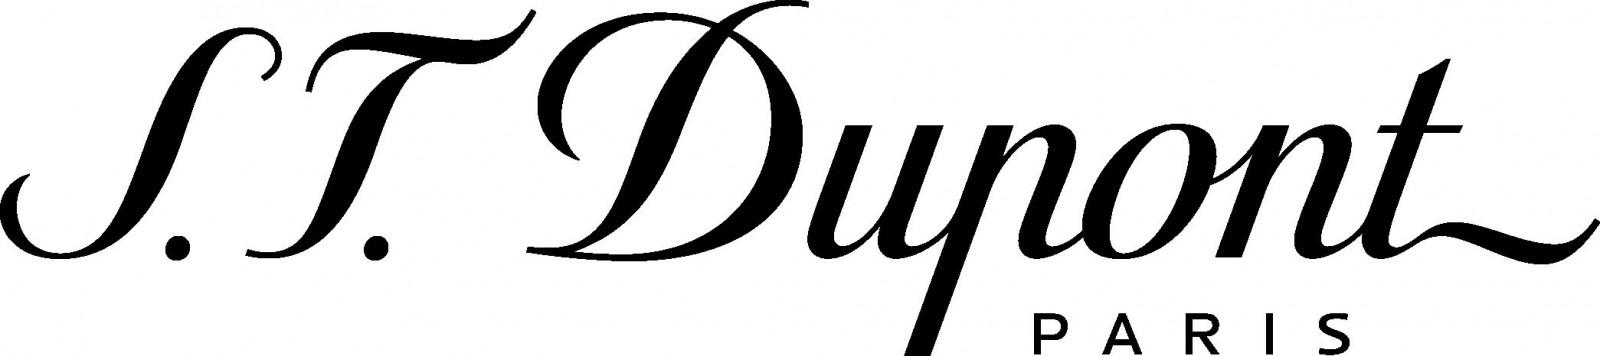 купить парфюмерию Дюпон